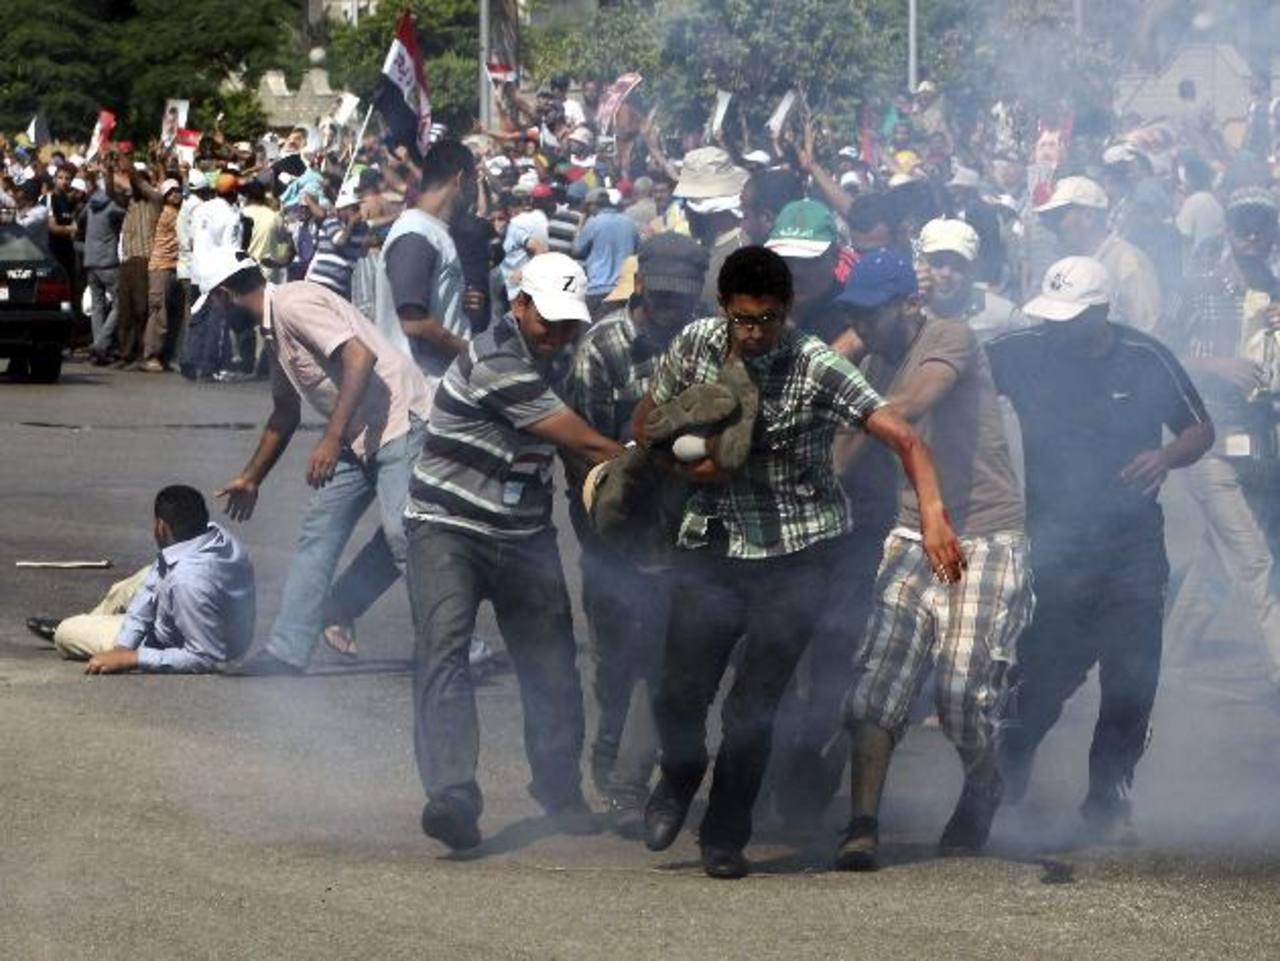 Simpatizantes de Mursi trasladan a un herido durante una manifestación. foto edh / EFE